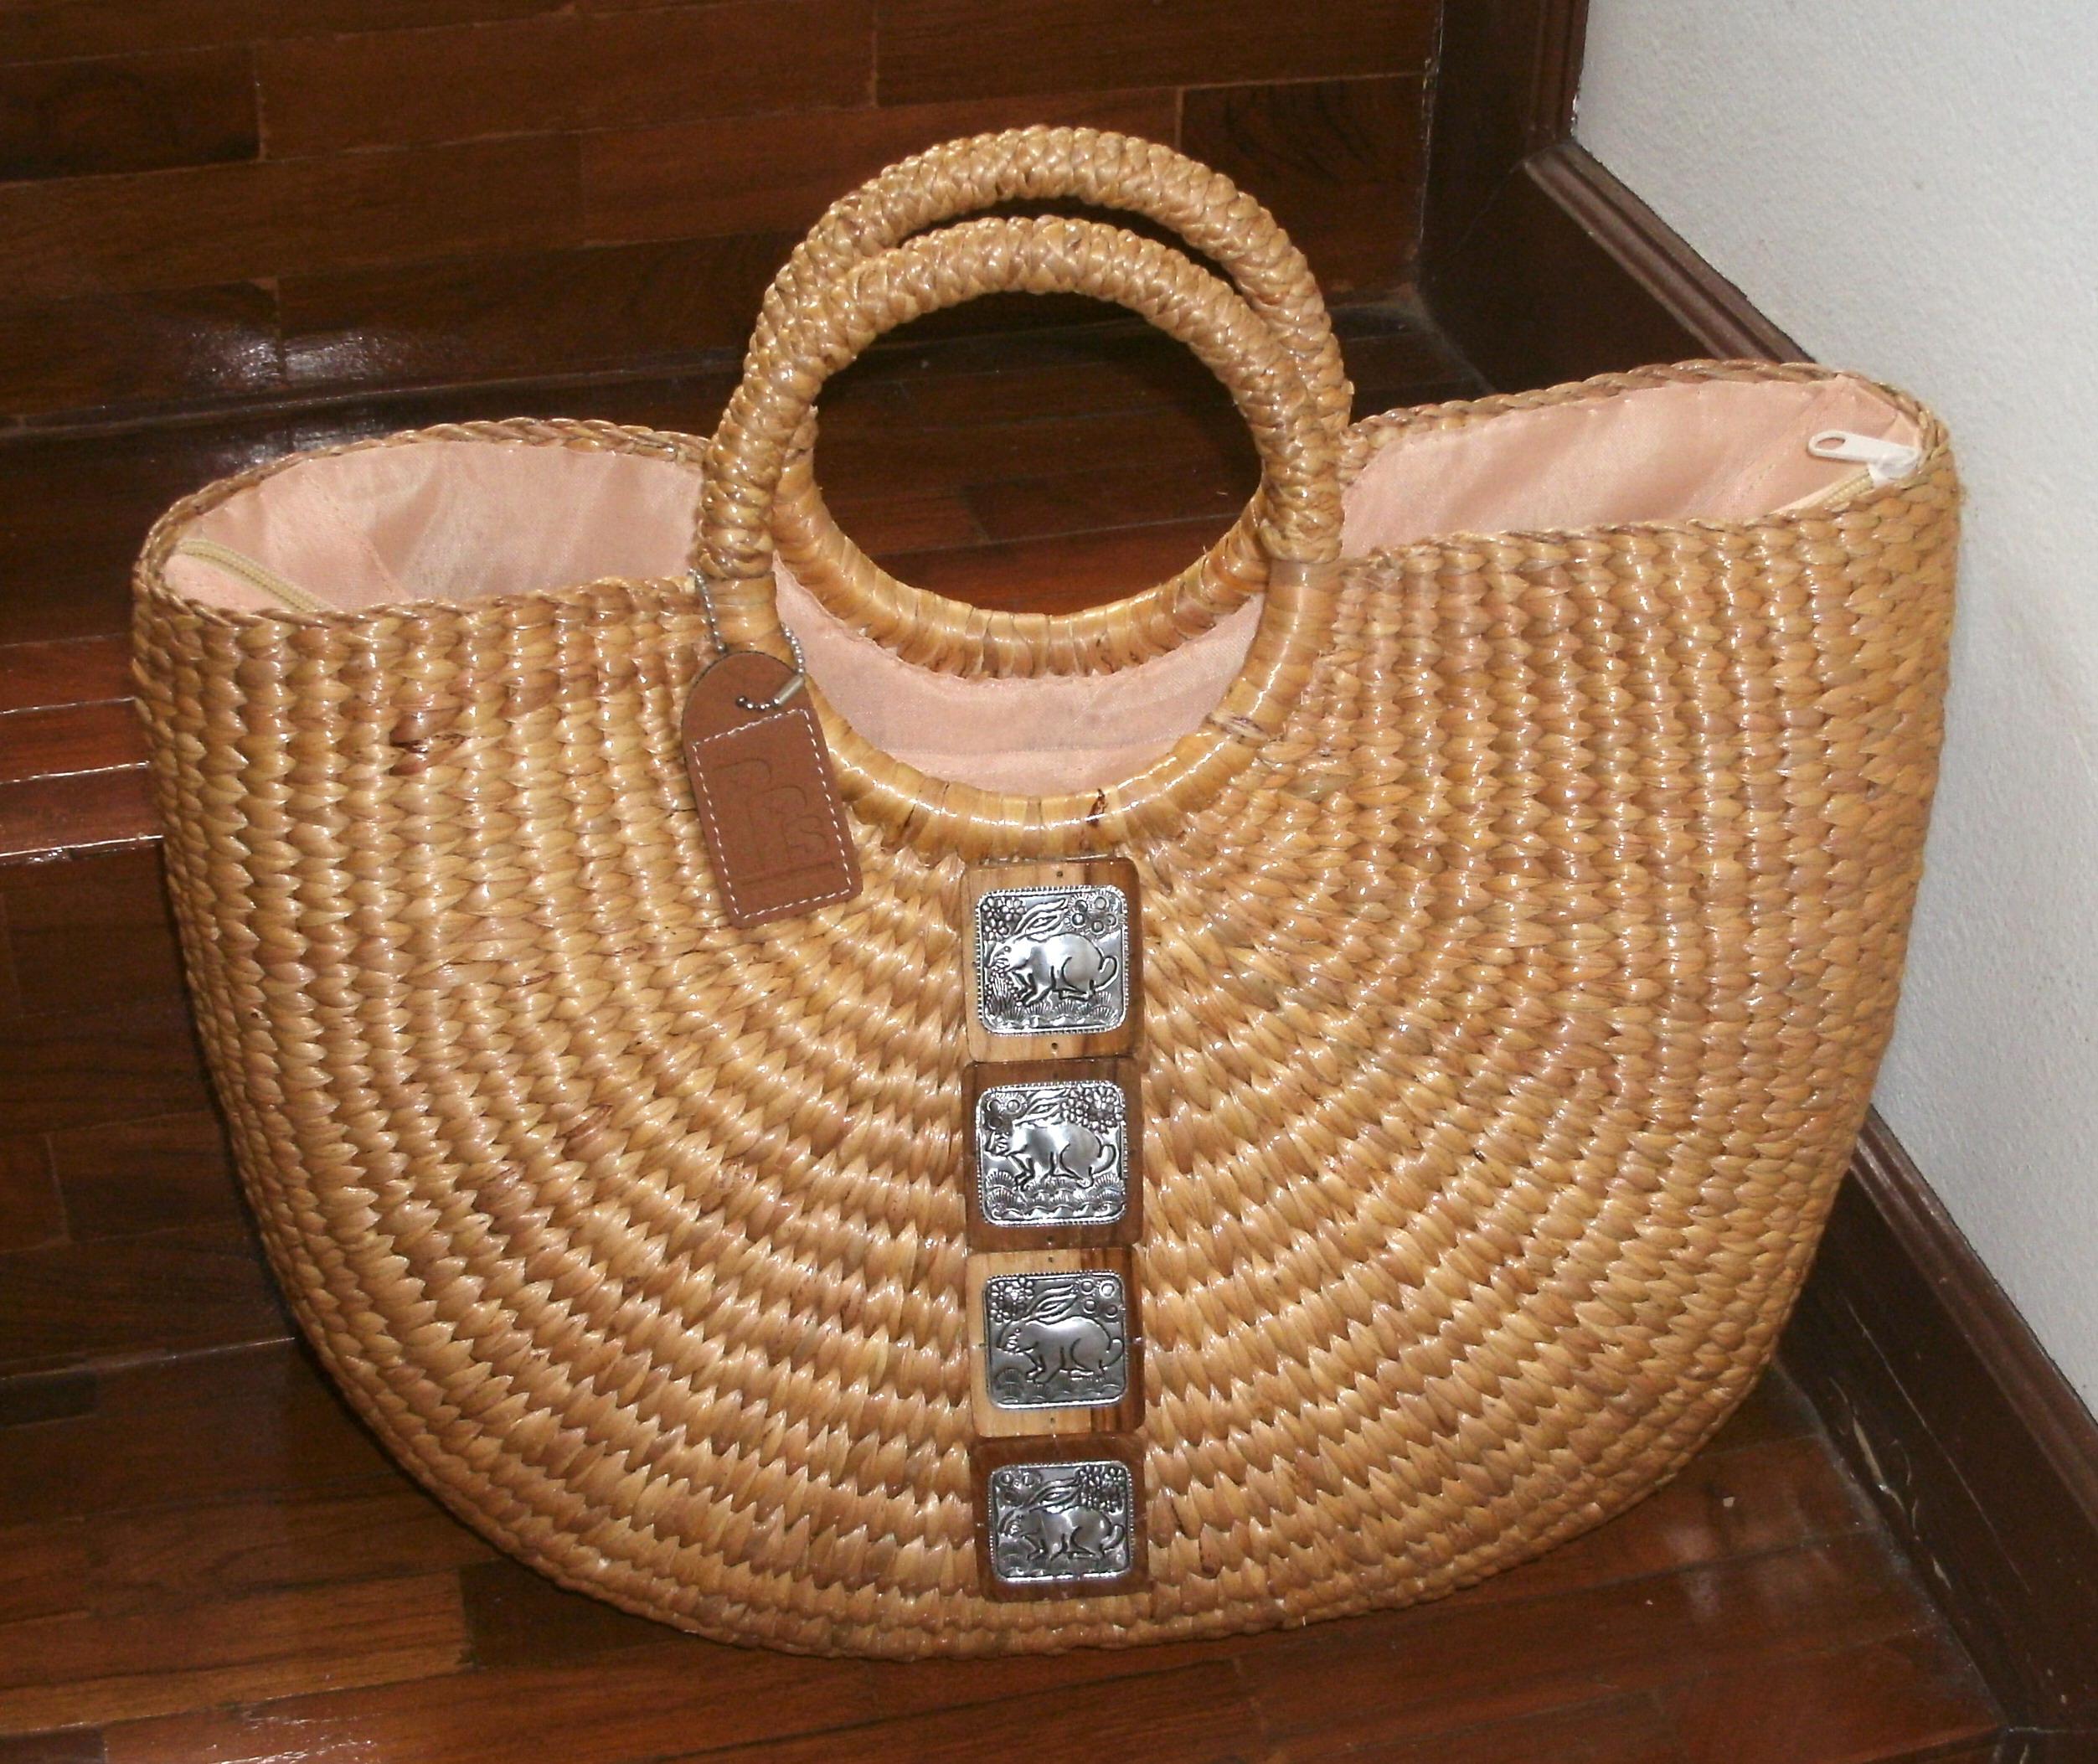 Hyacinth Bag-PPS Bag brand 37